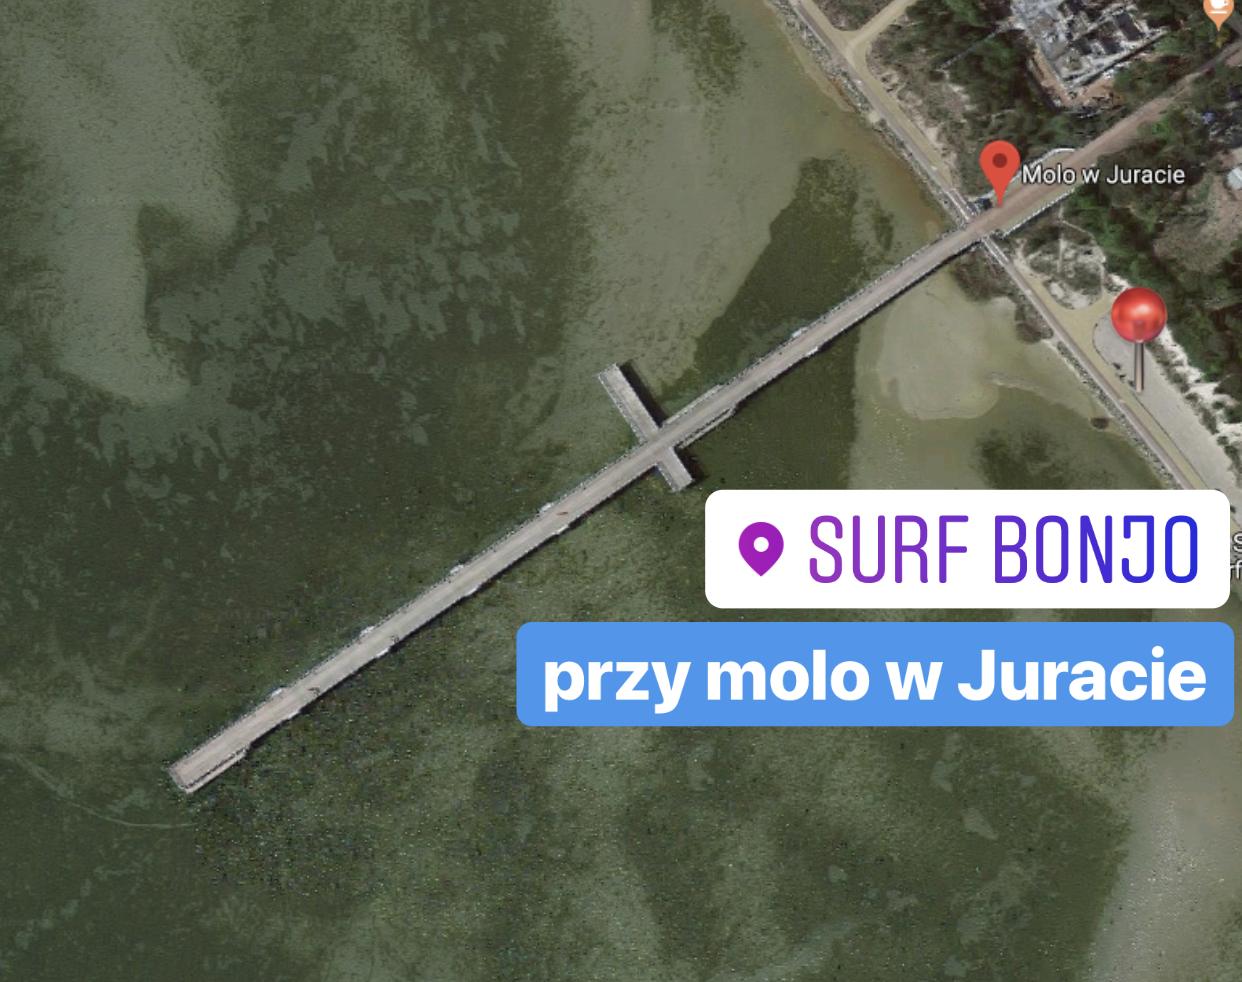 IMG 0301 surfbonjo